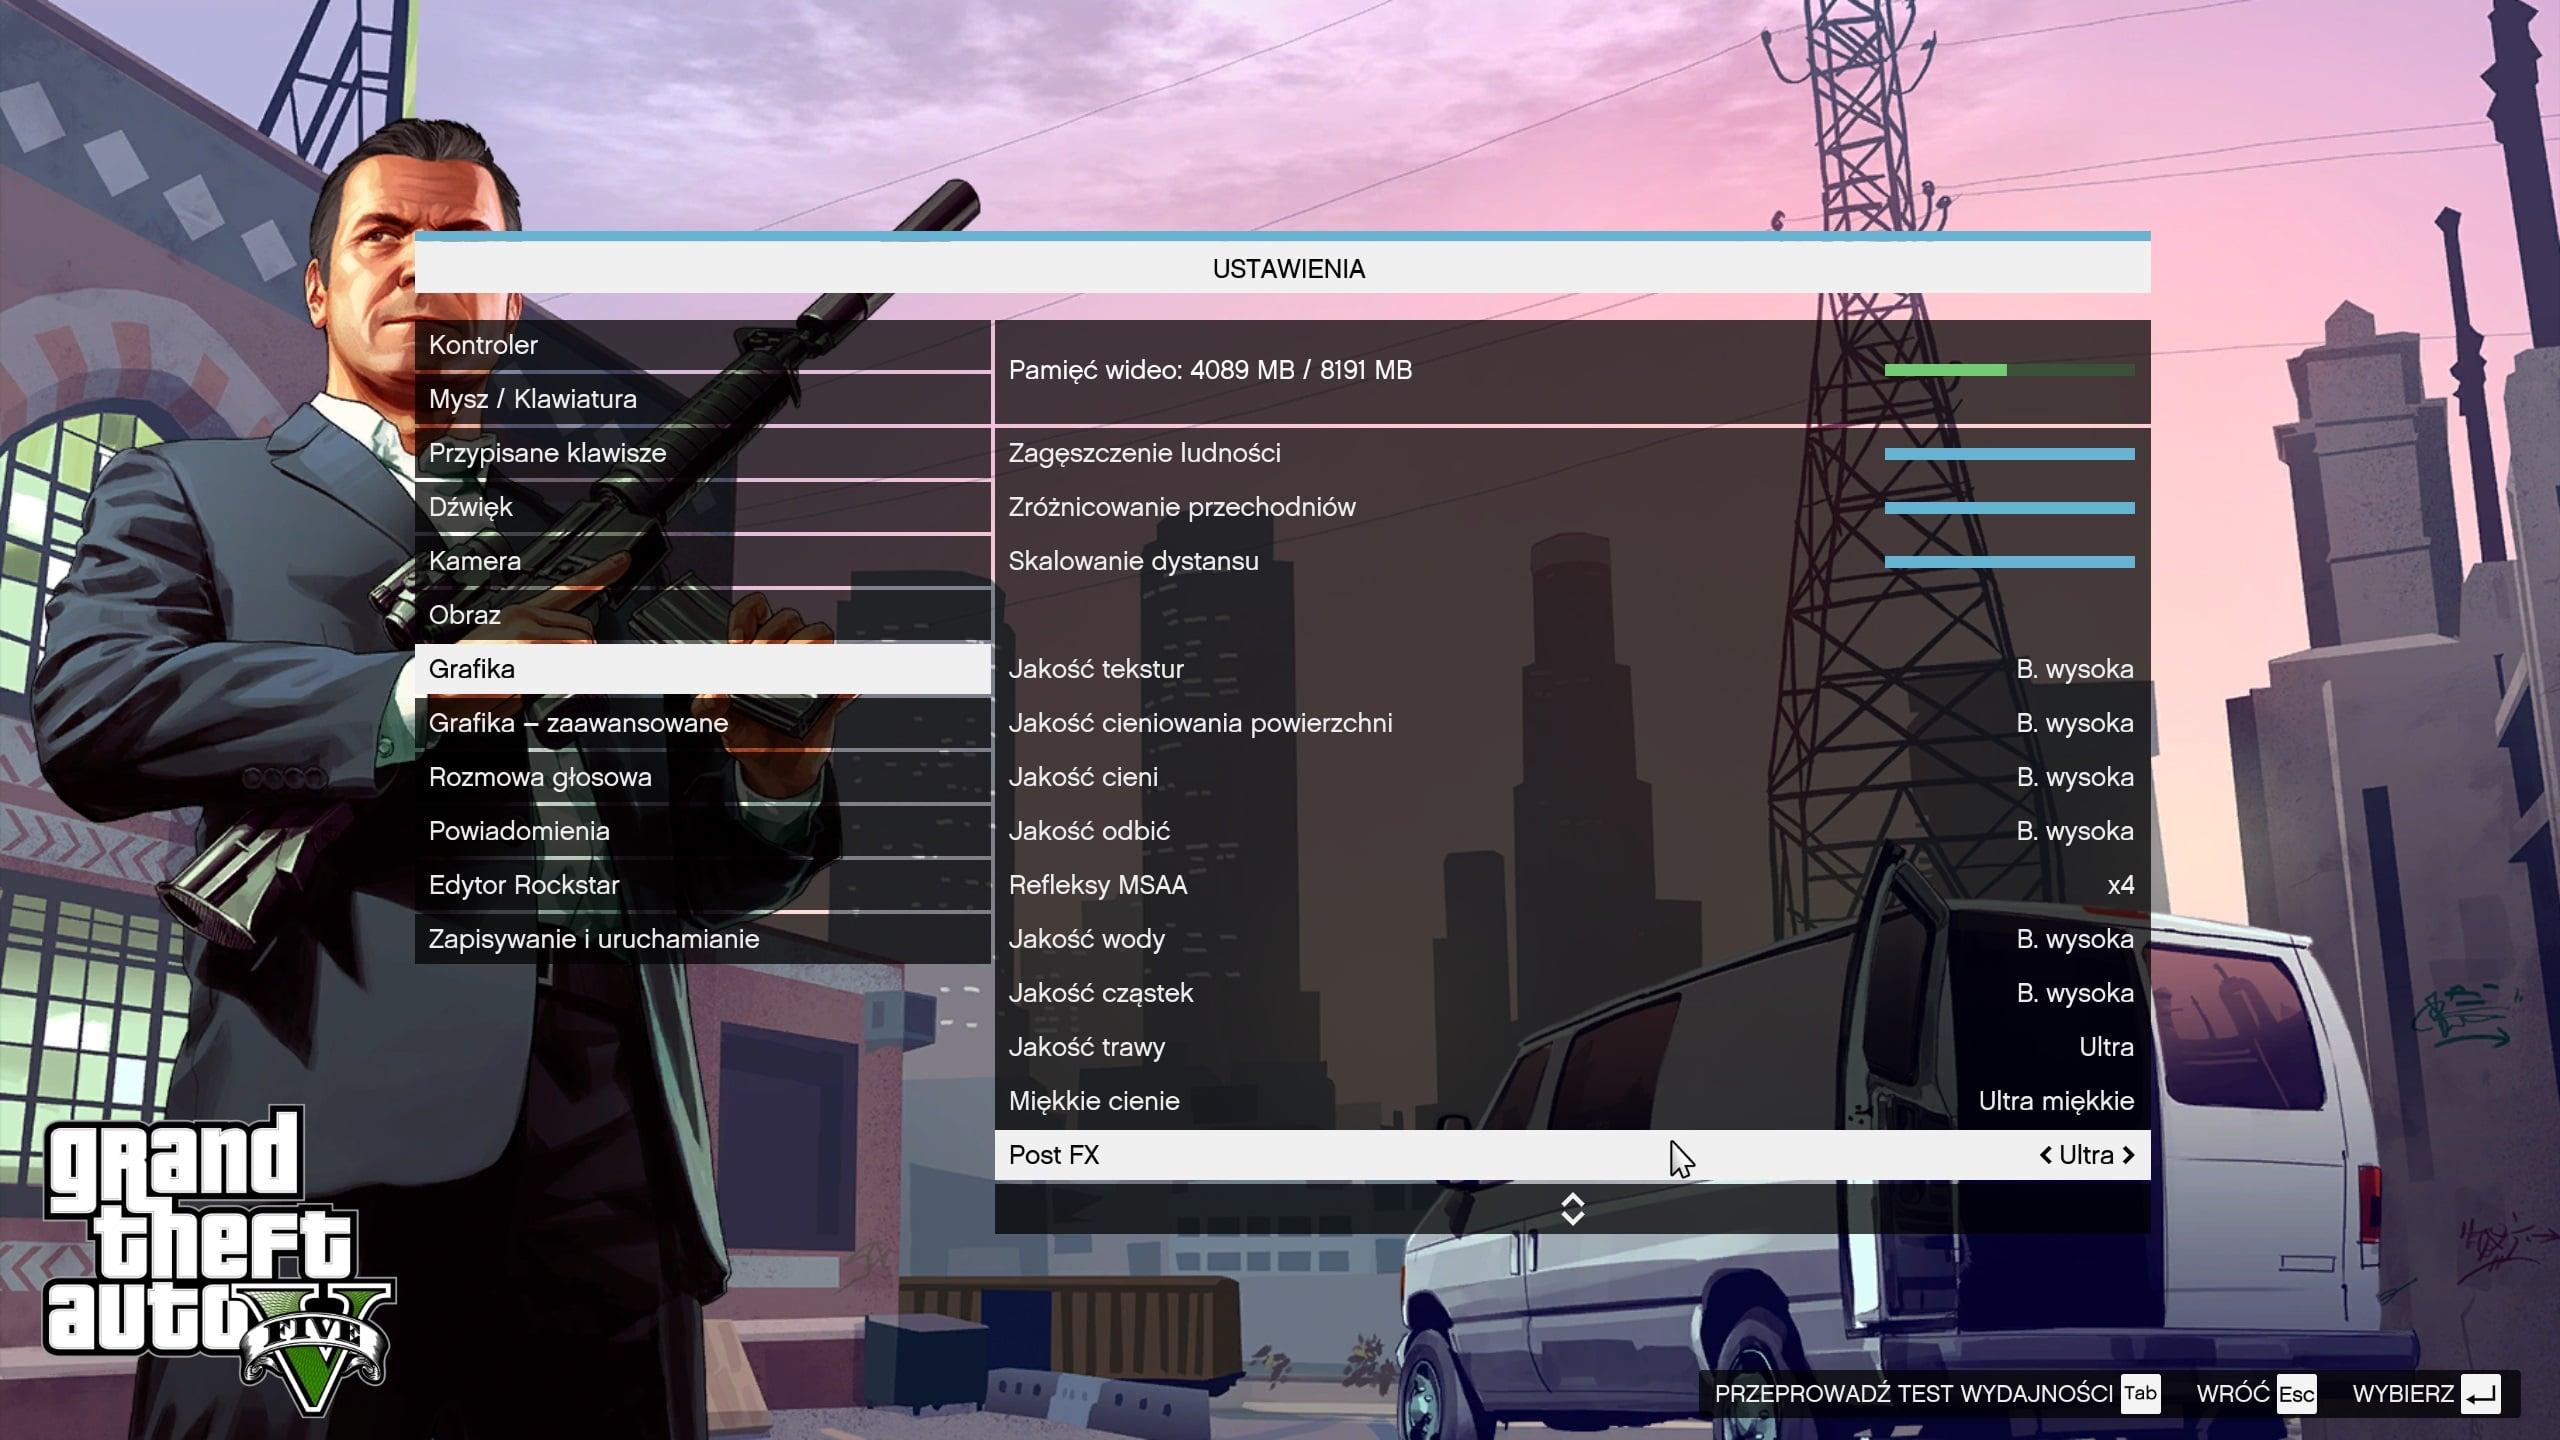 Testujemy cooler dla CPU - Cooler Master Hyper 212 RGB Phantom Gaming Edition. Warto? 36